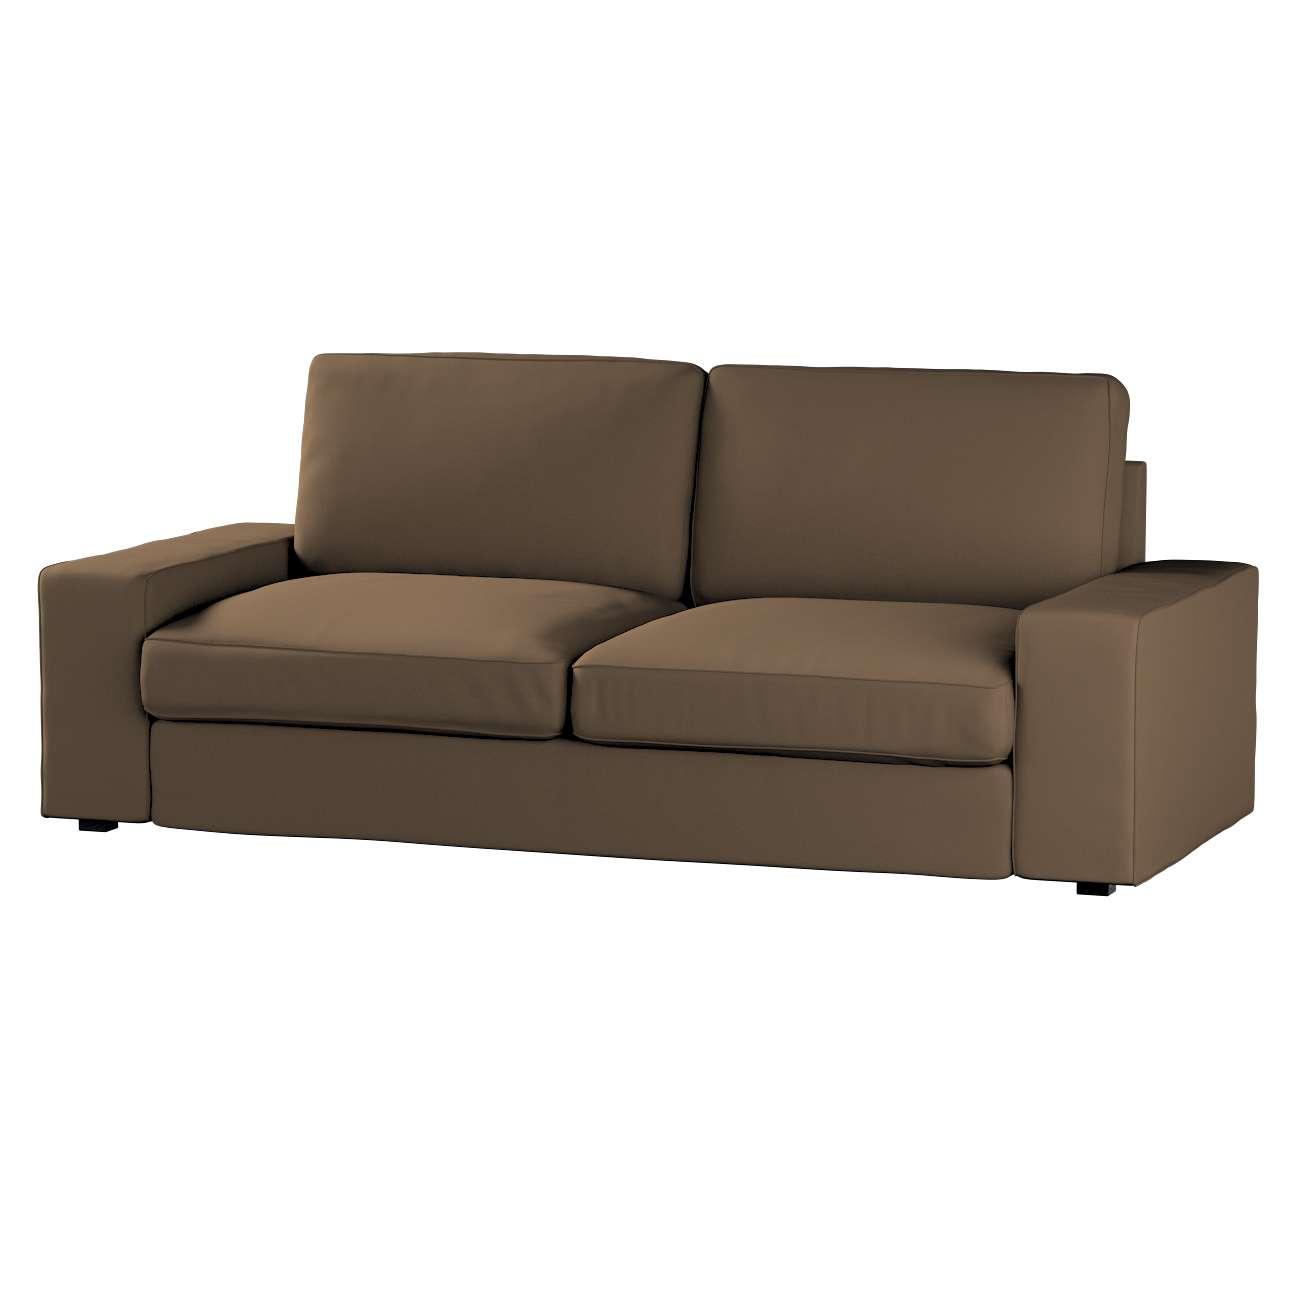 KIVIK trivietės sofos užvalkalas Kivik 3-seat sofa kolekcijoje Cotton Panama, audinys: 702-02